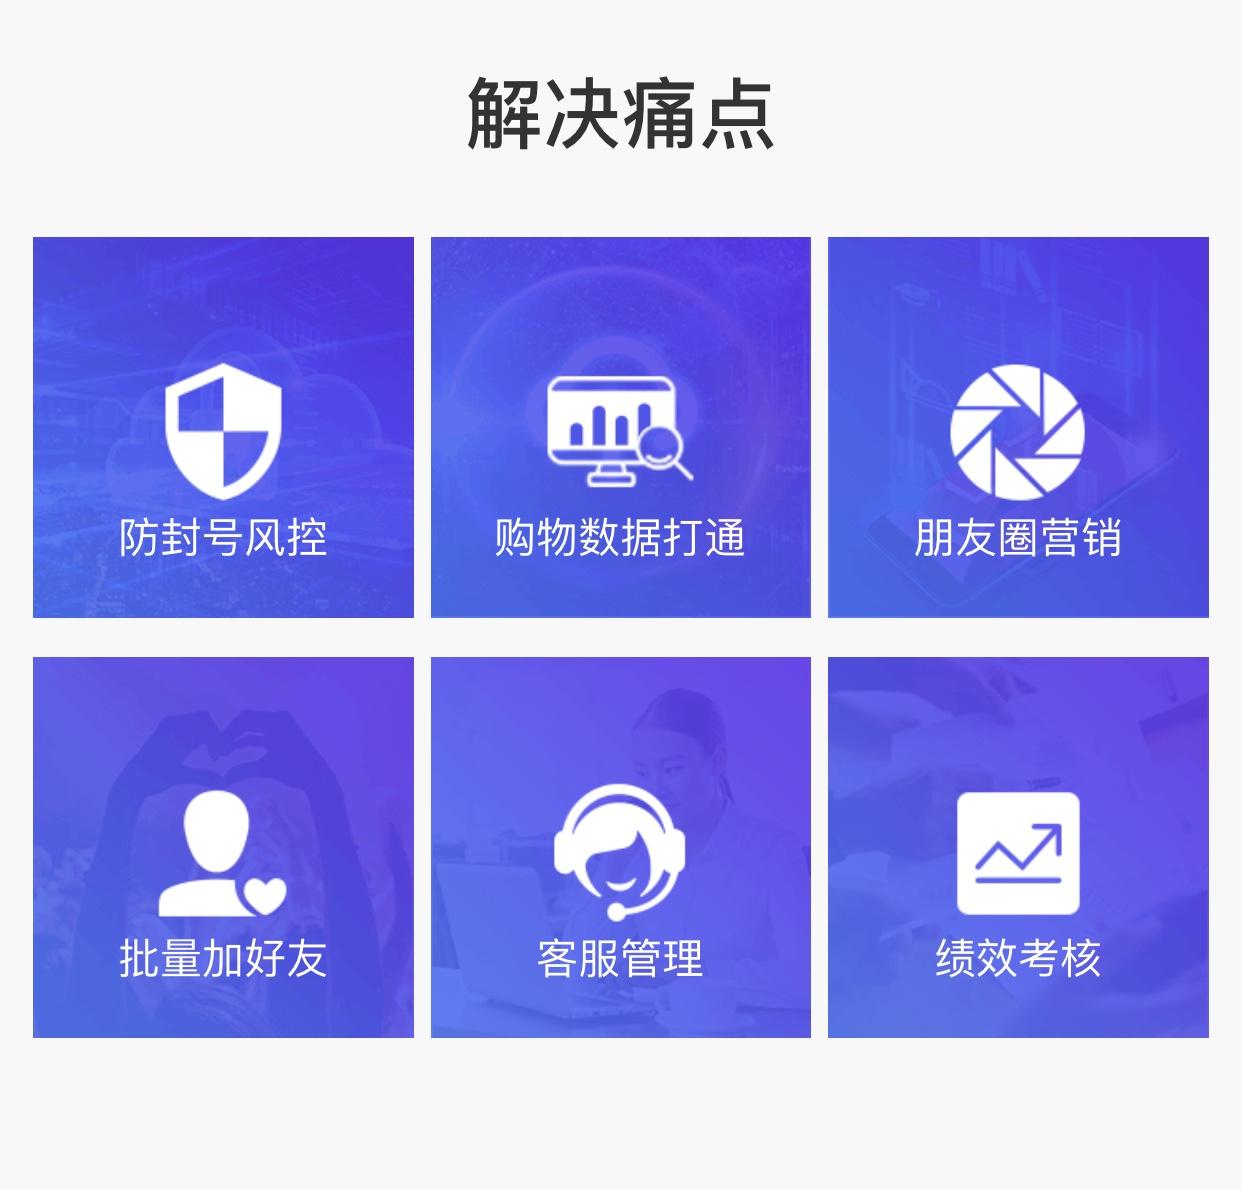 广州微信管理系统的工作原理是什么